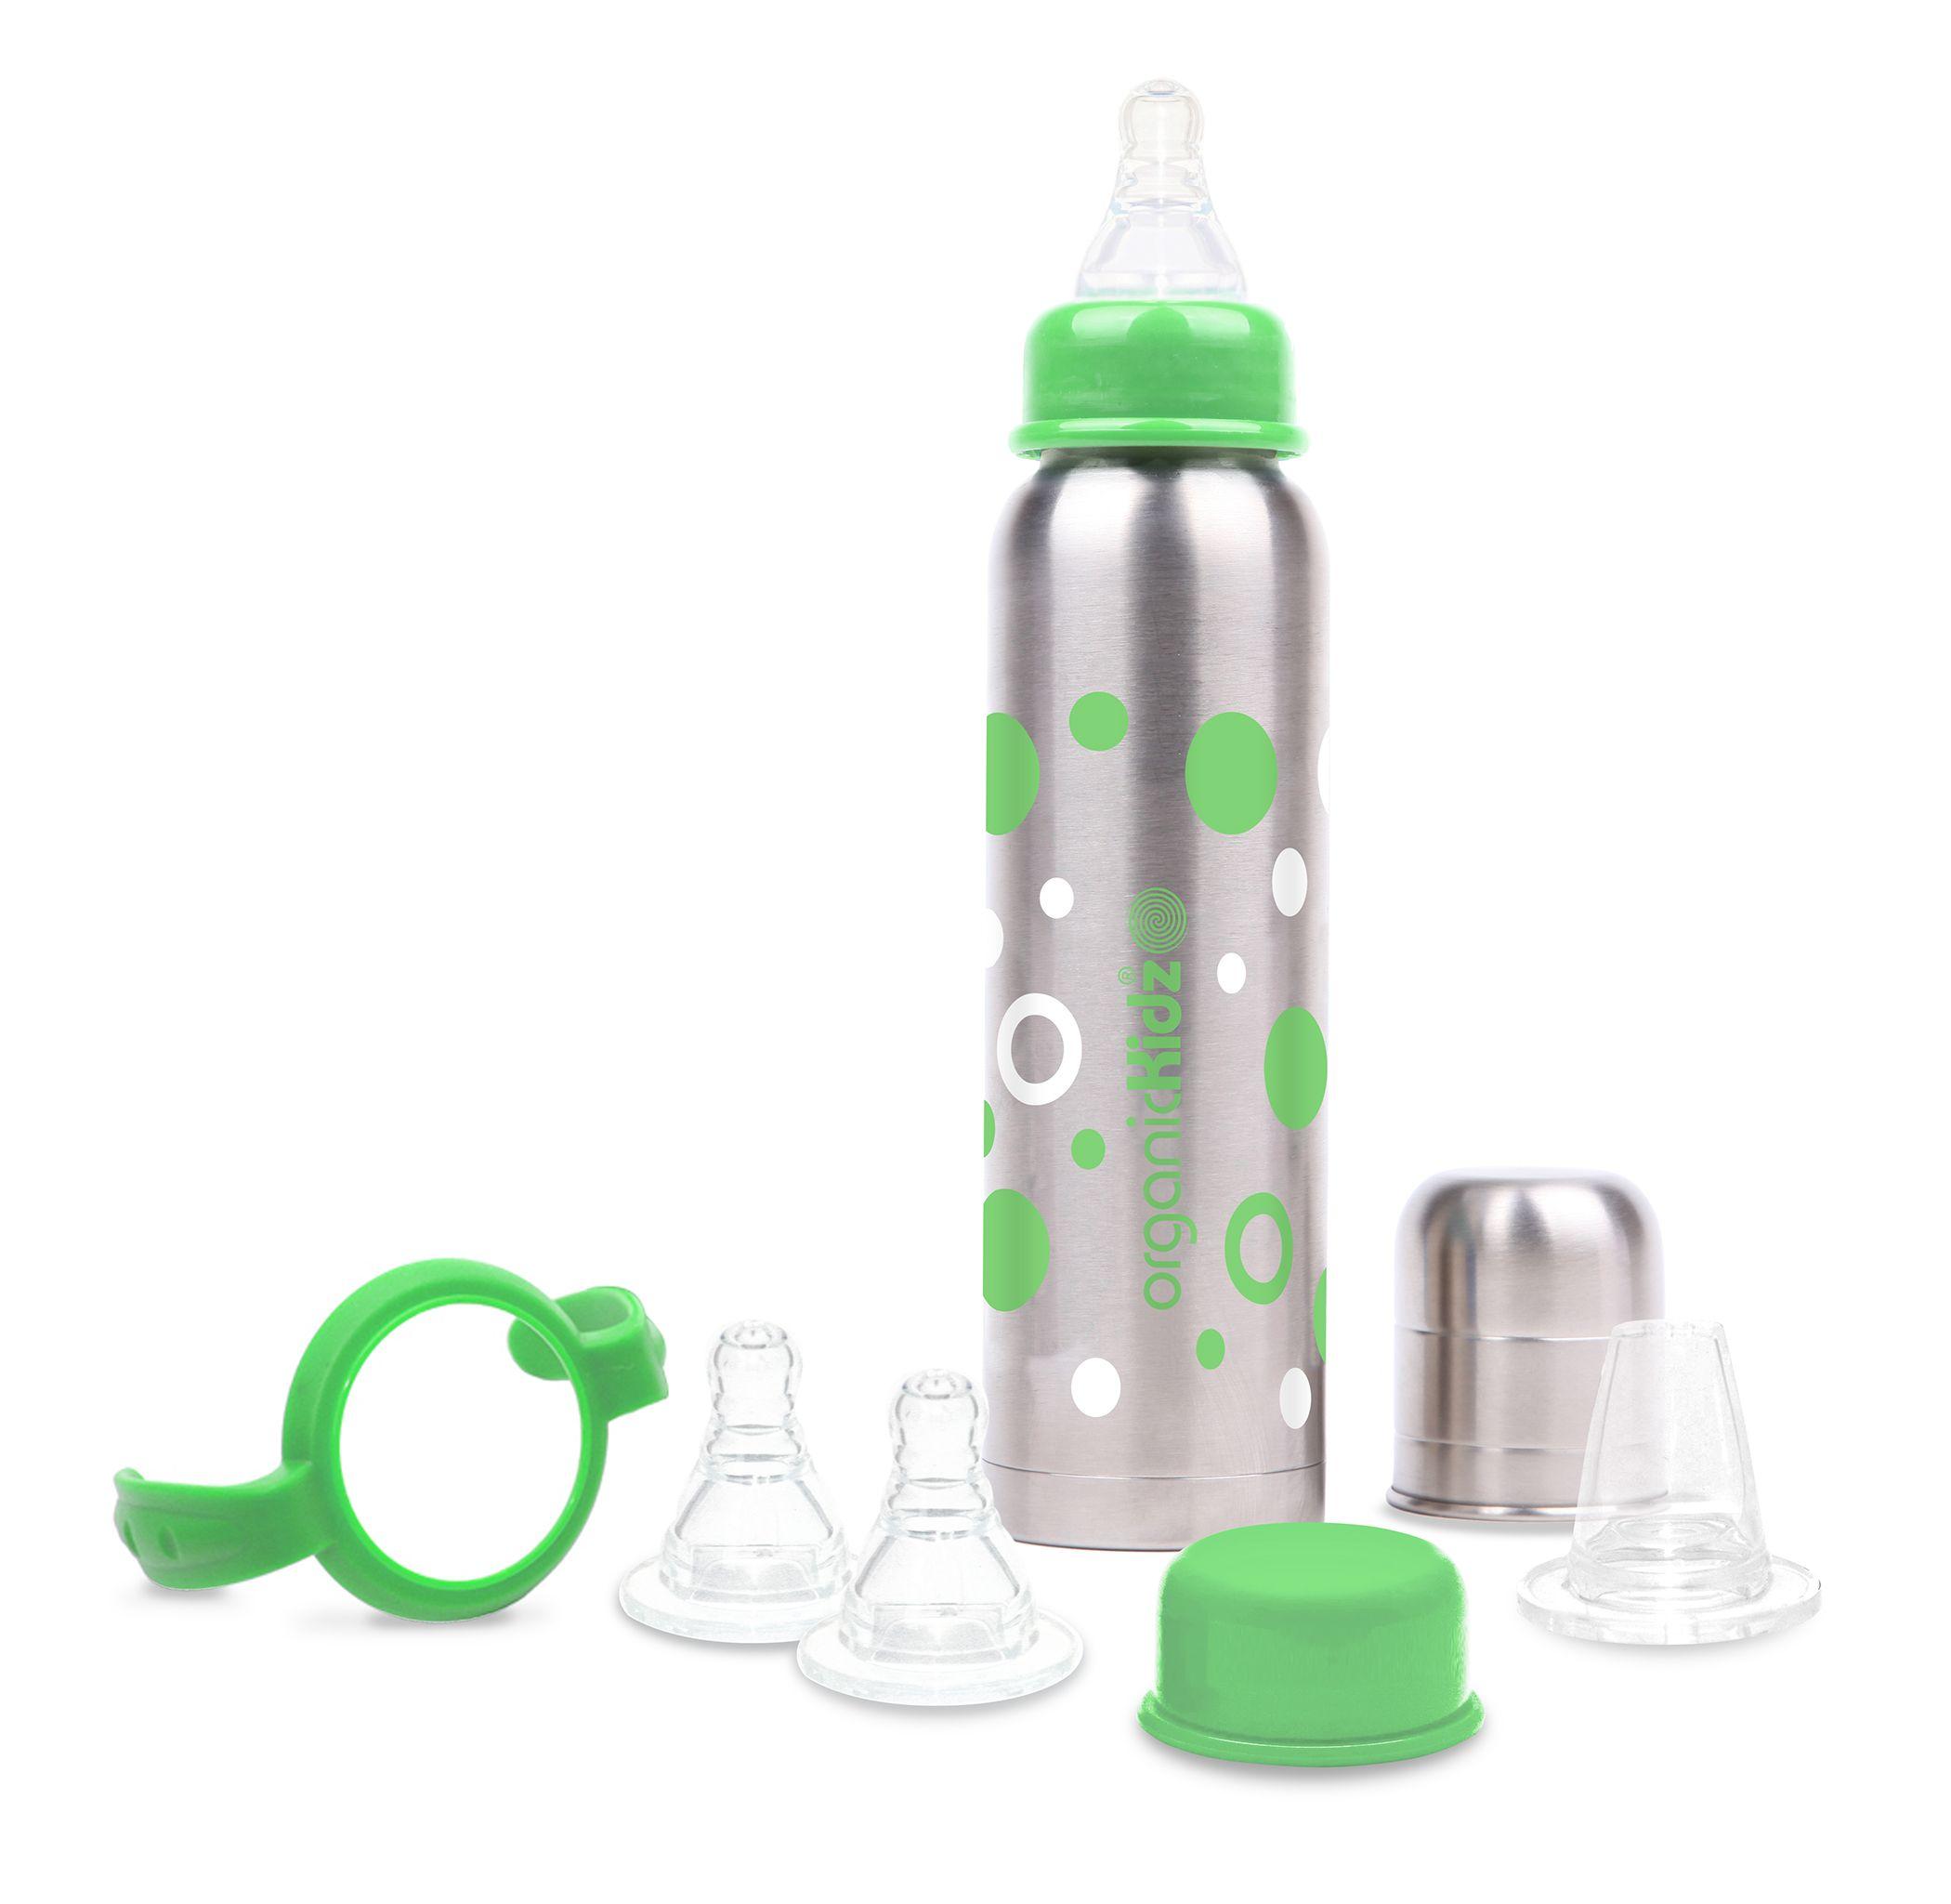 Biberons INOX Isotherme, pour garder les boissons de bébé à température durant 6 heures